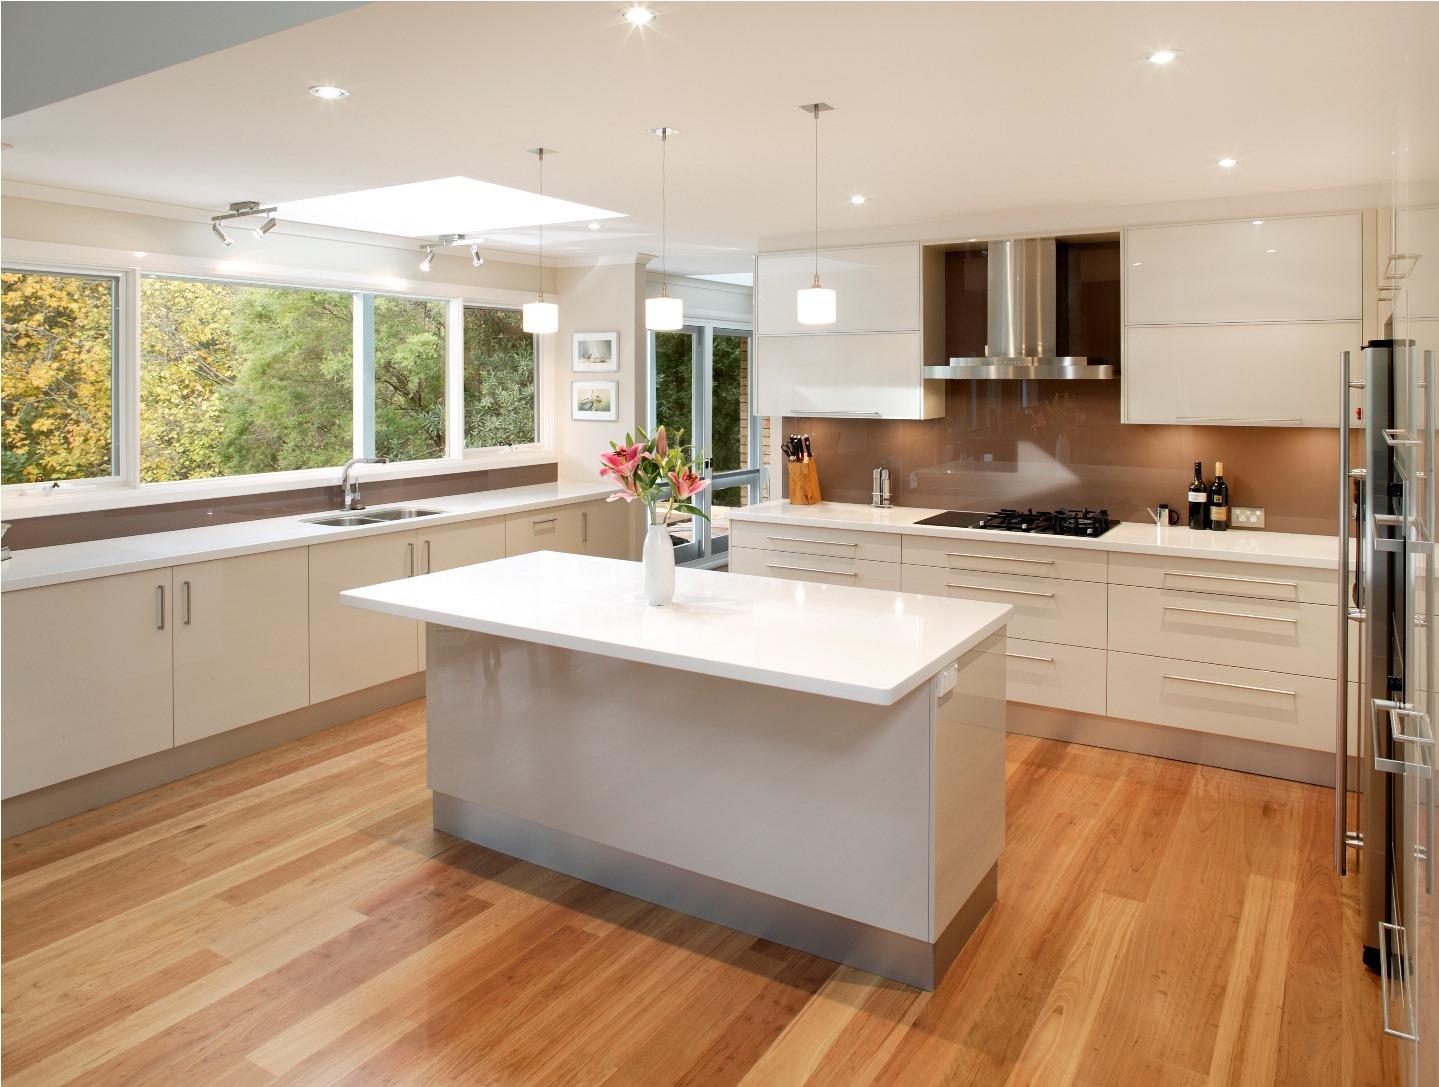 Kitchen window designs 5